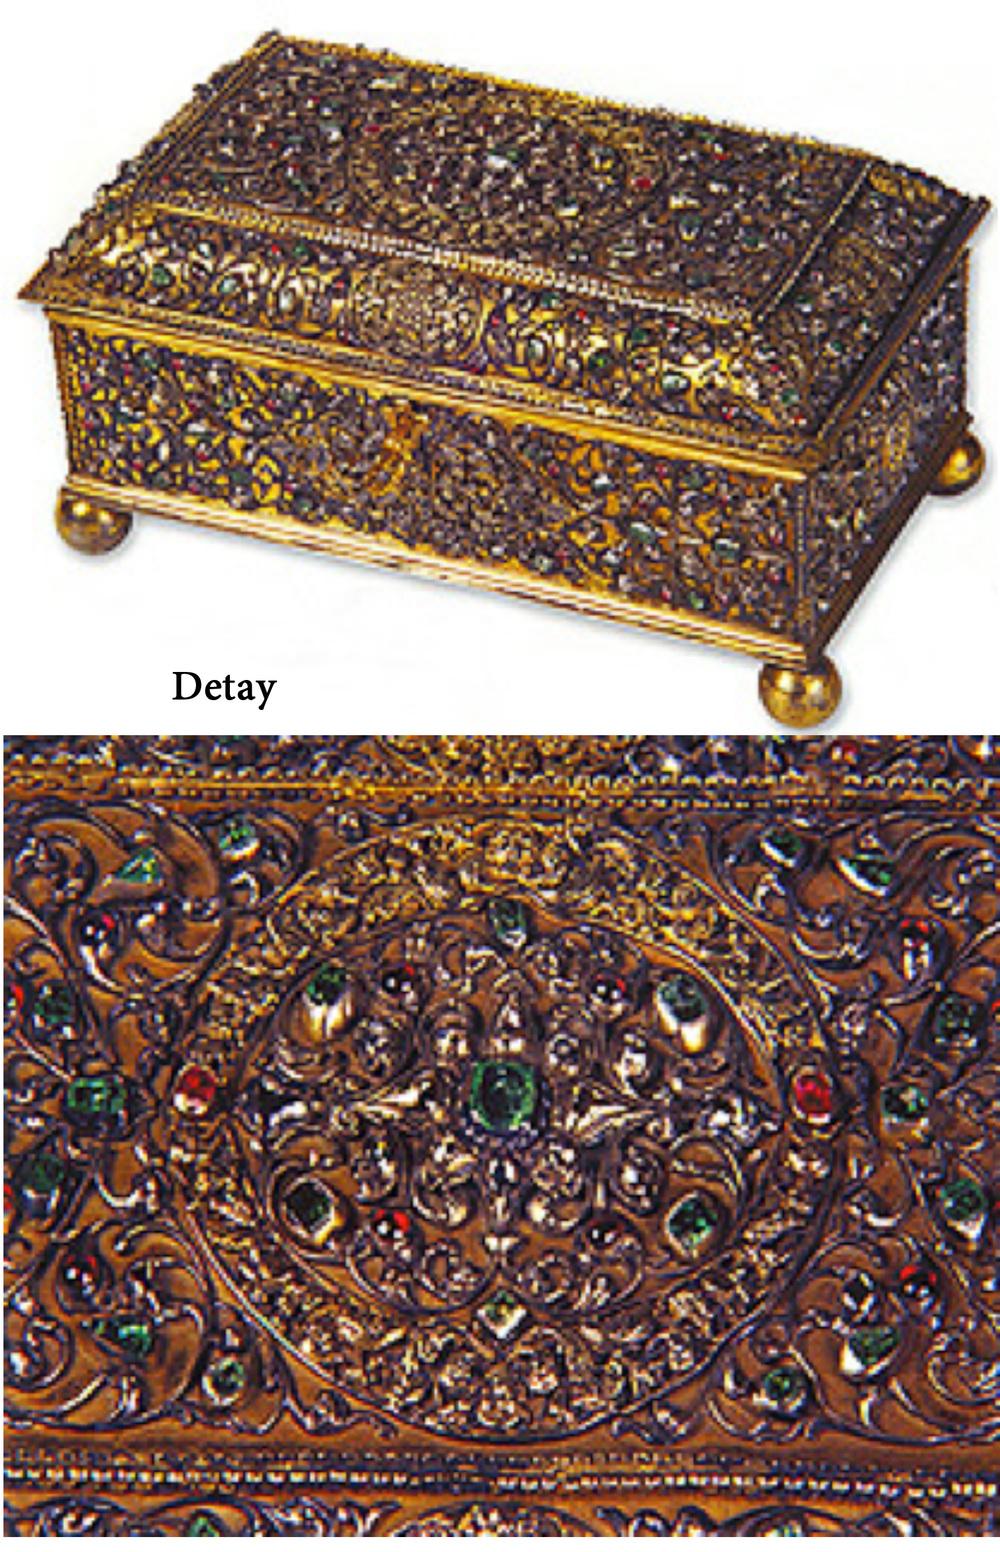 Gümüş Mücevher Çekmecesi, Avrupa-Osmanlı(?) 18. yüzyıl, 21.5x12.5x11.5 cm, Env. no. T.S.M. 2/2109.